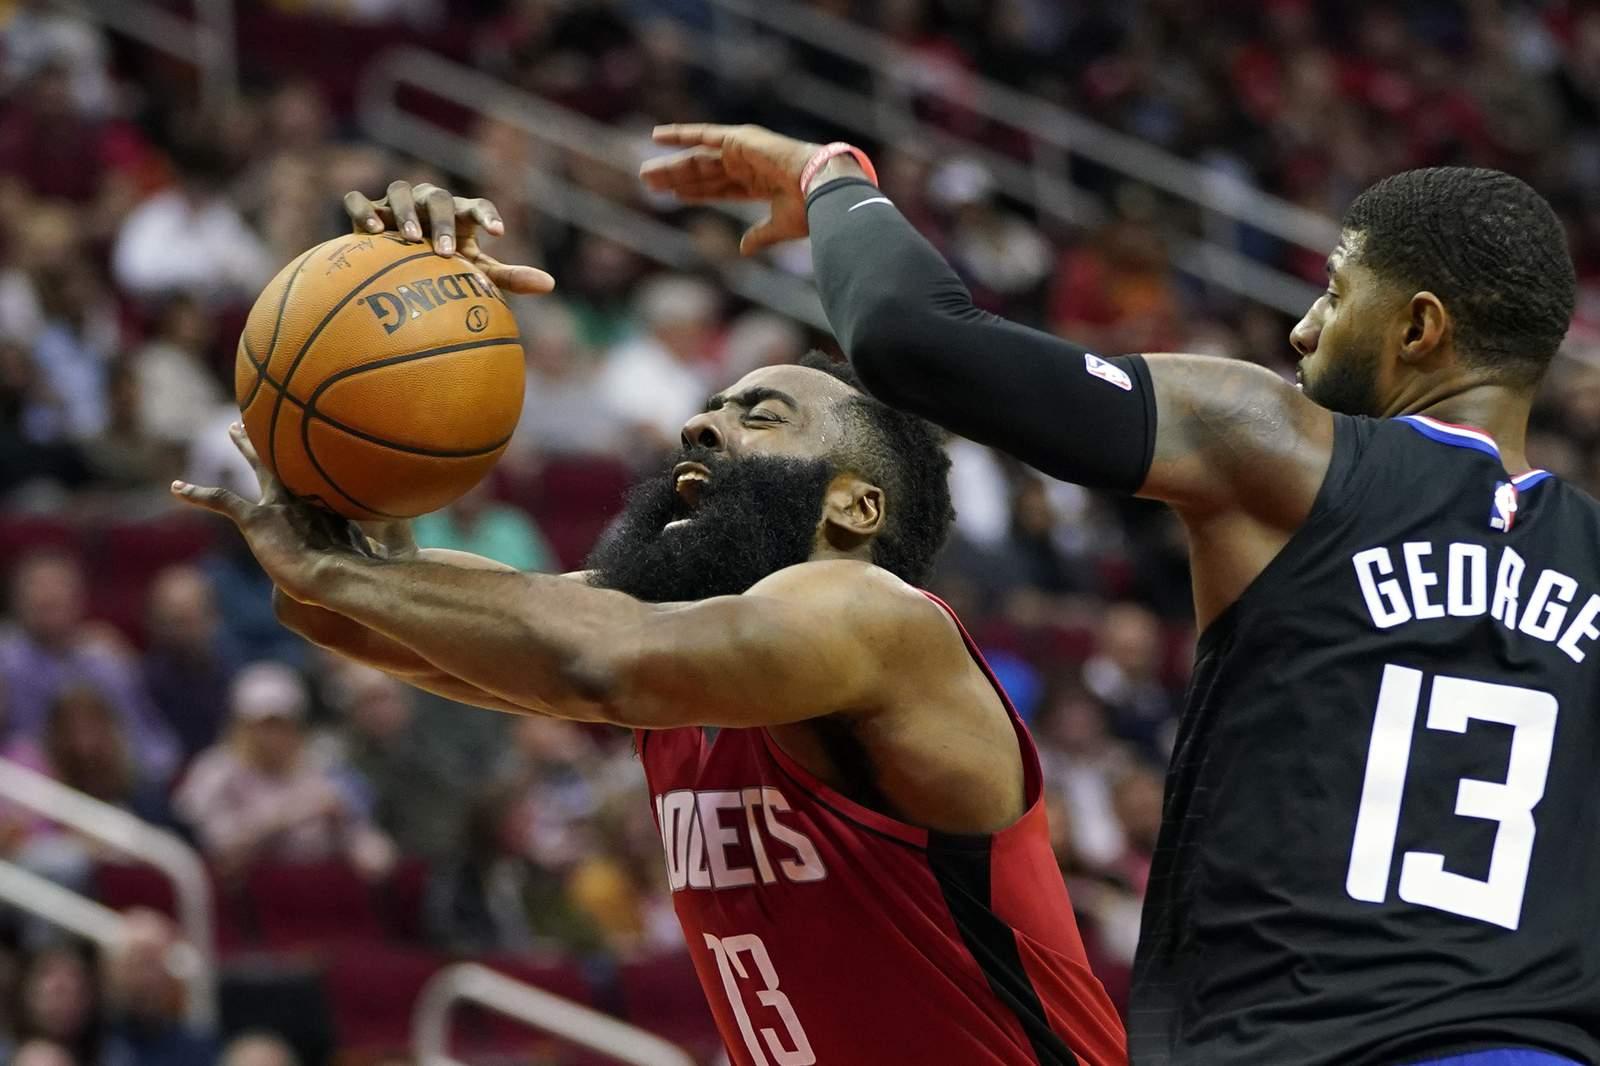 La terrible noche de disparos de los cohetes conduce a una pérdida desigual de los Clippers 20